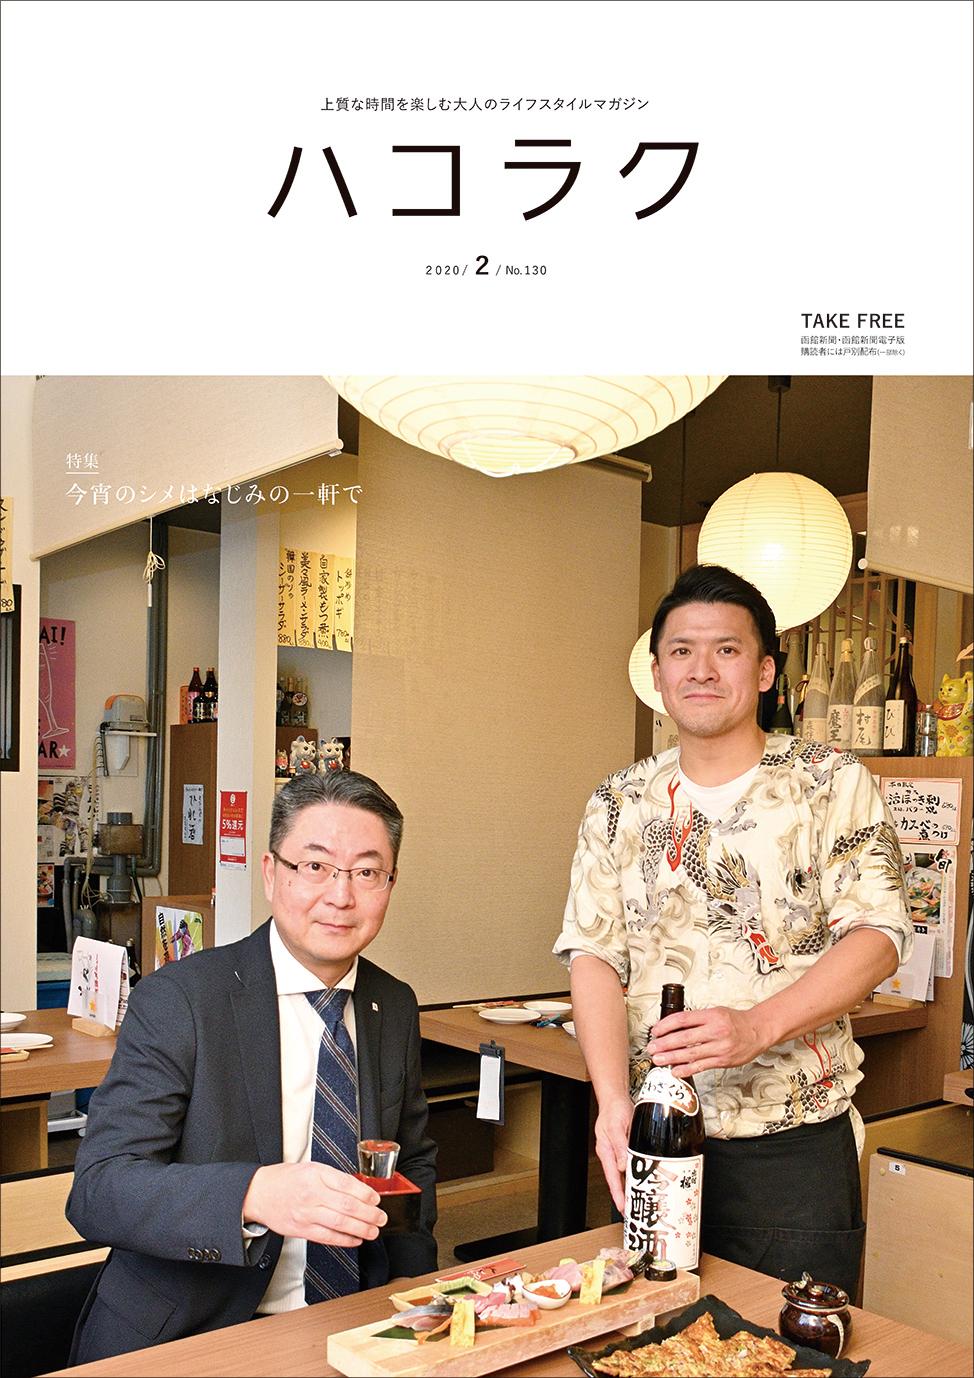 """フリーマガジン「ハコラク」<a href=""""https://hako-raku.jp/"""" target=""""_blank""""> →デジタルブックはこちら</a>"""